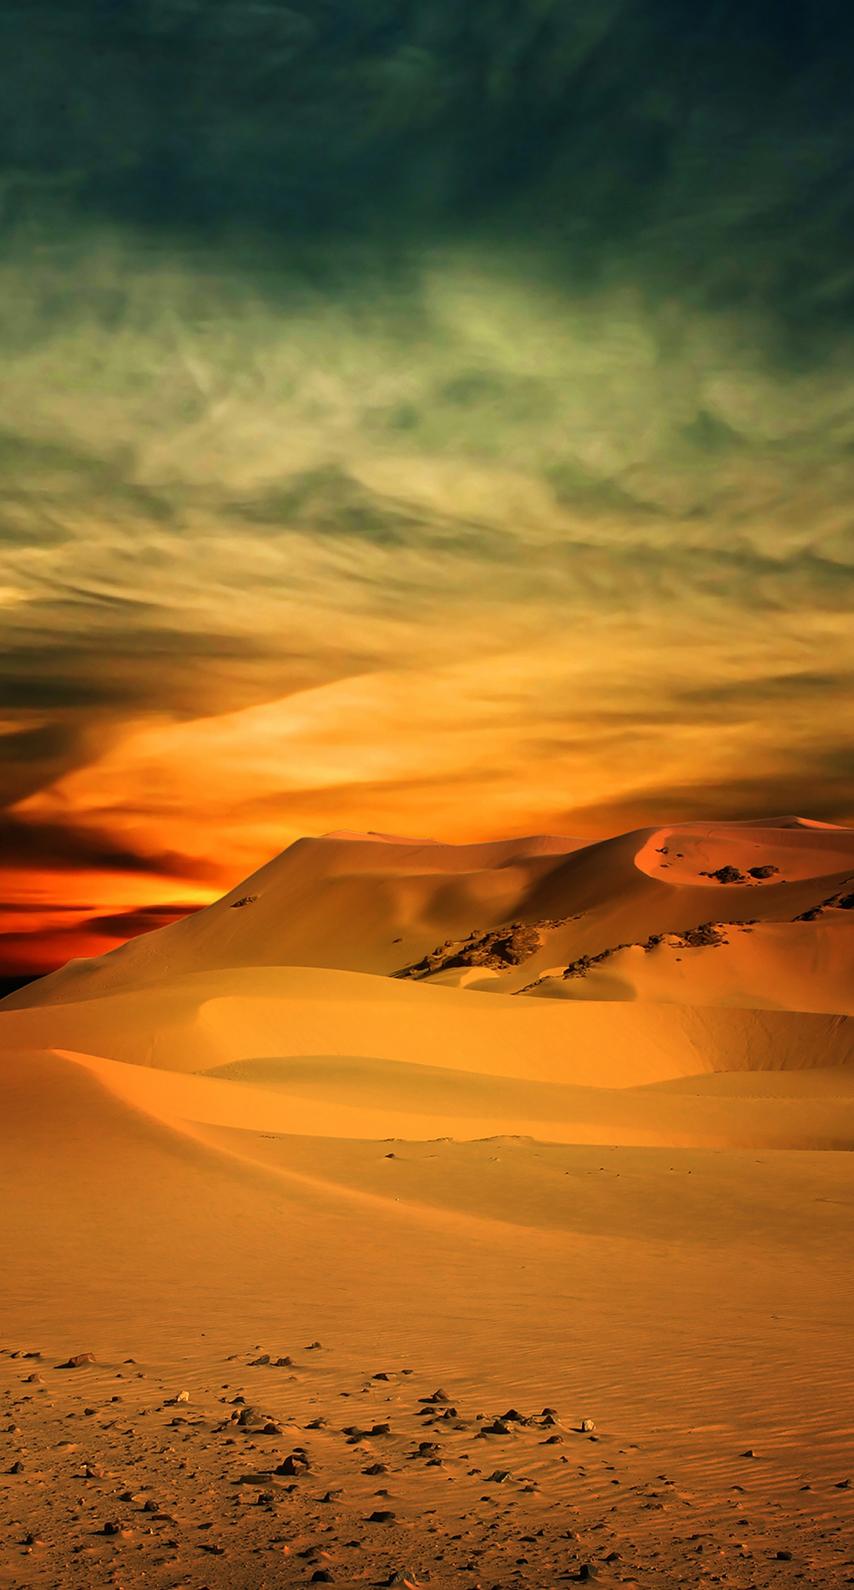 desert, sunset, sand, evening, sun, hot, no person, dawn, fair weather